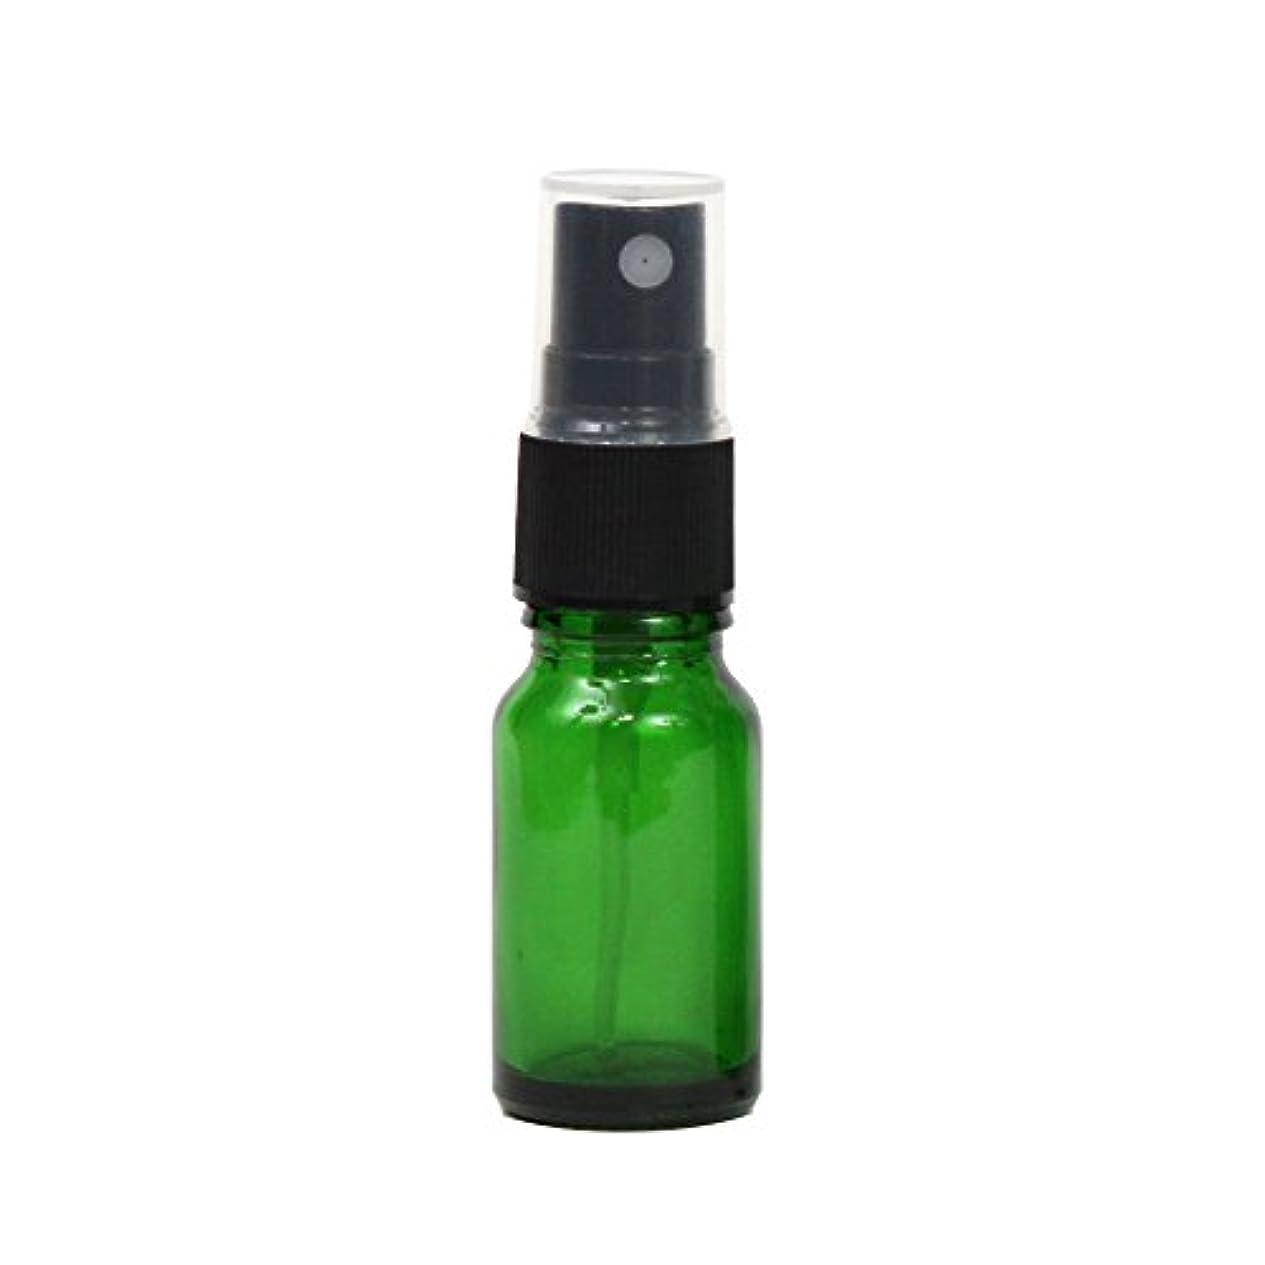 浴膨張するうめきスプレーボトル ガラス瓶 10mL 遮光性グリーン ガラスアトマイザー 空容器